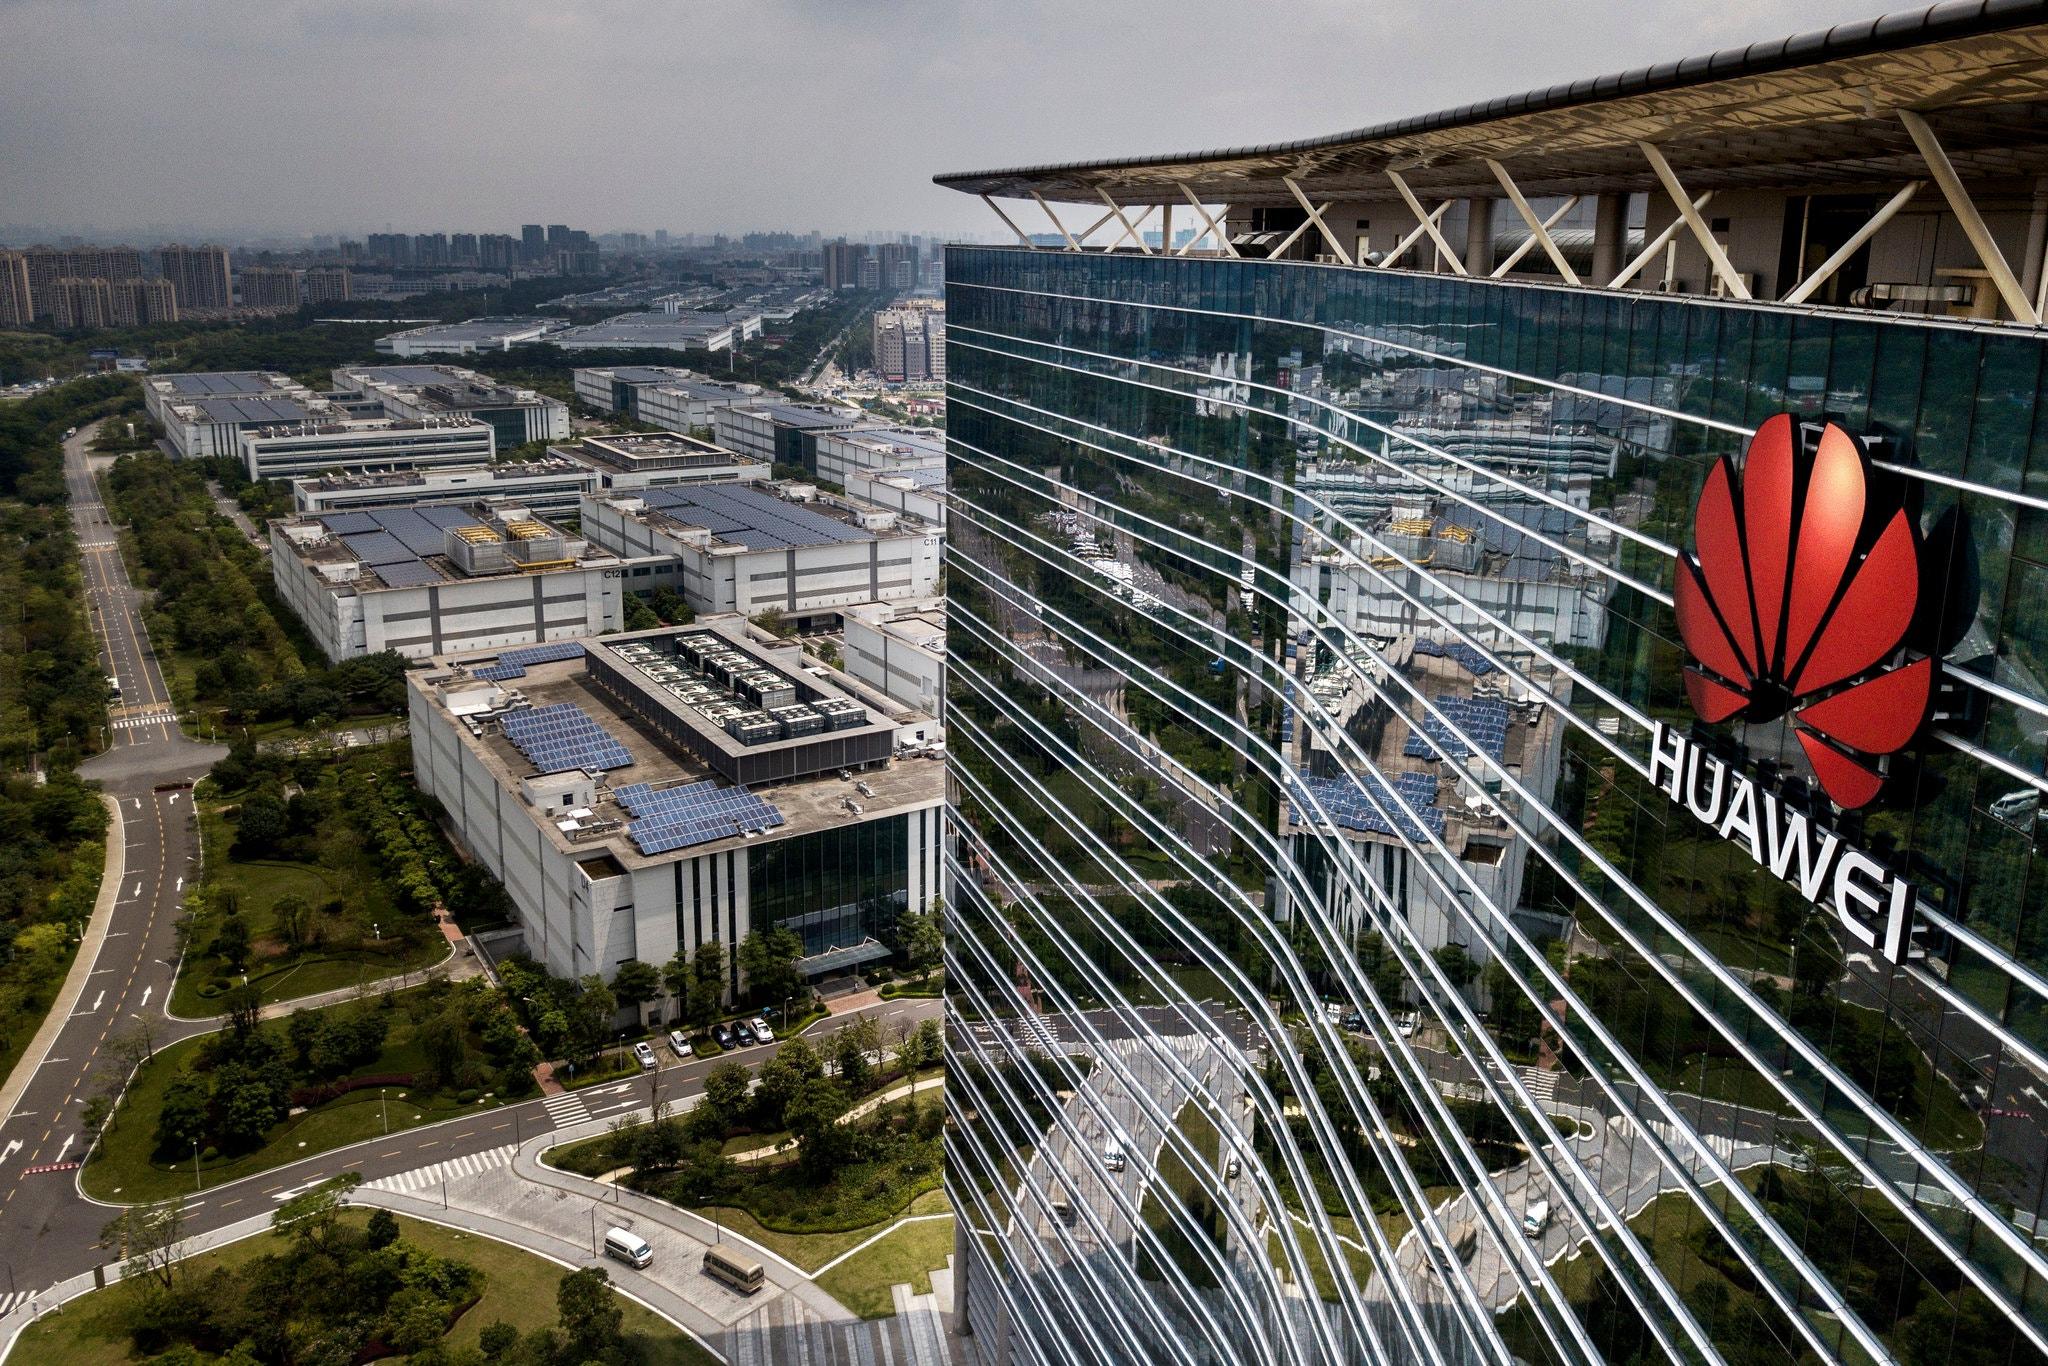 Gã khổng lồ viễn thông Trung Quốc Huawei, có trụ sở tại Đông Quan, Thâm Quyến, từ lâu đã là một biểu tượng của niềm tự tôn dân tộc Trung Hoa. Ảnh: Kevin Frayer/Getty Images | Từng được